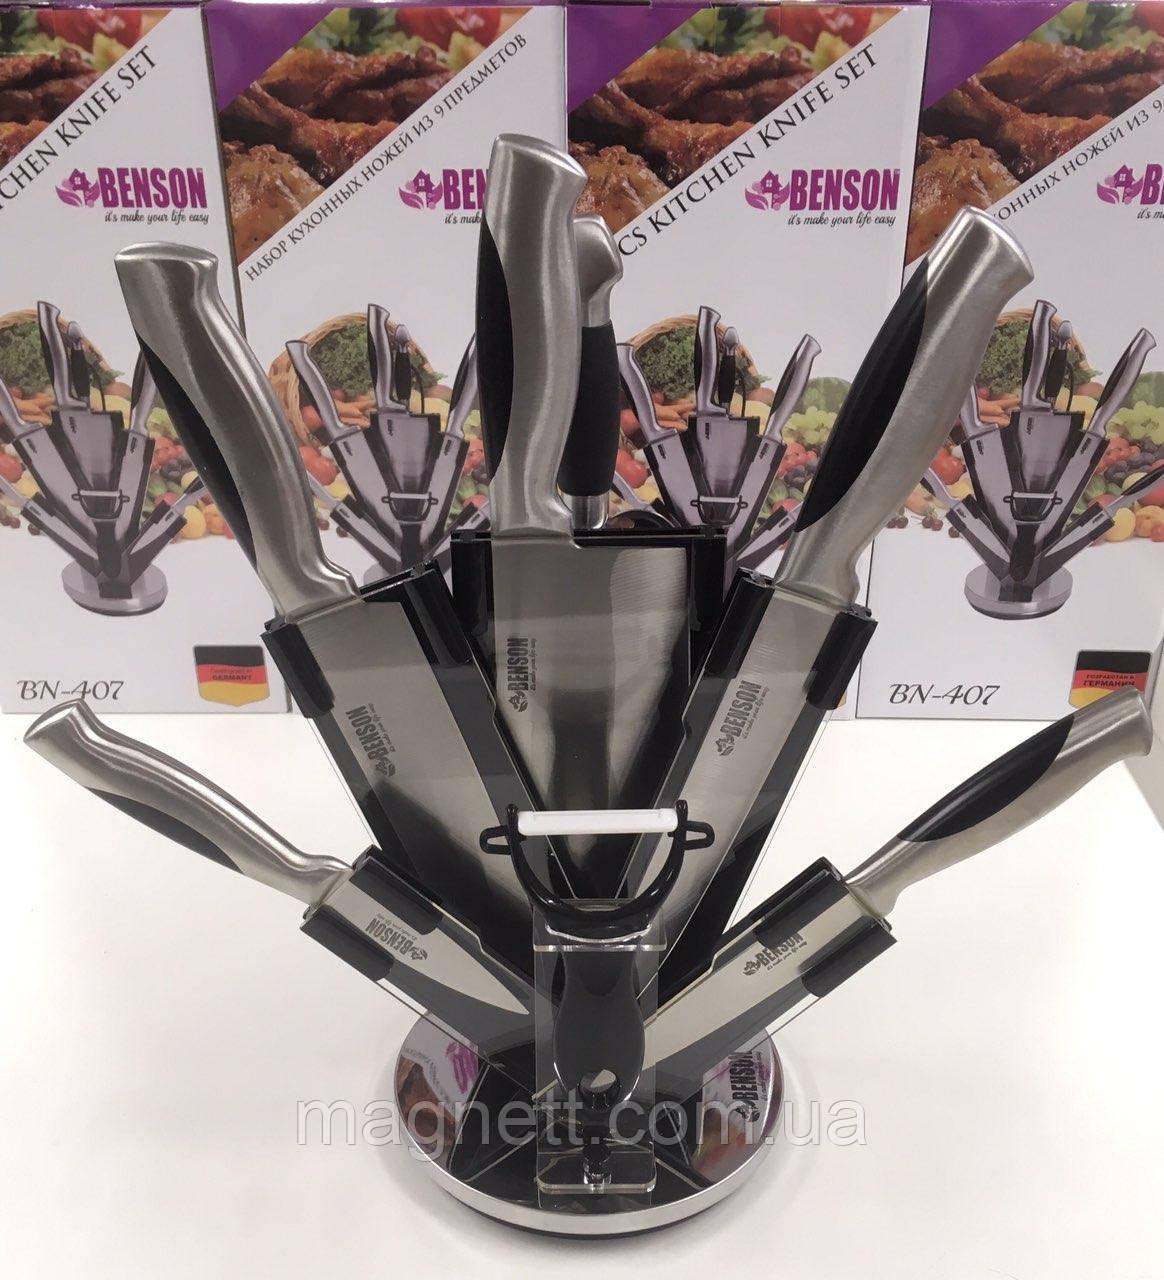 Якісний Набір ножів Benson BN-407 ( 9 предметів)